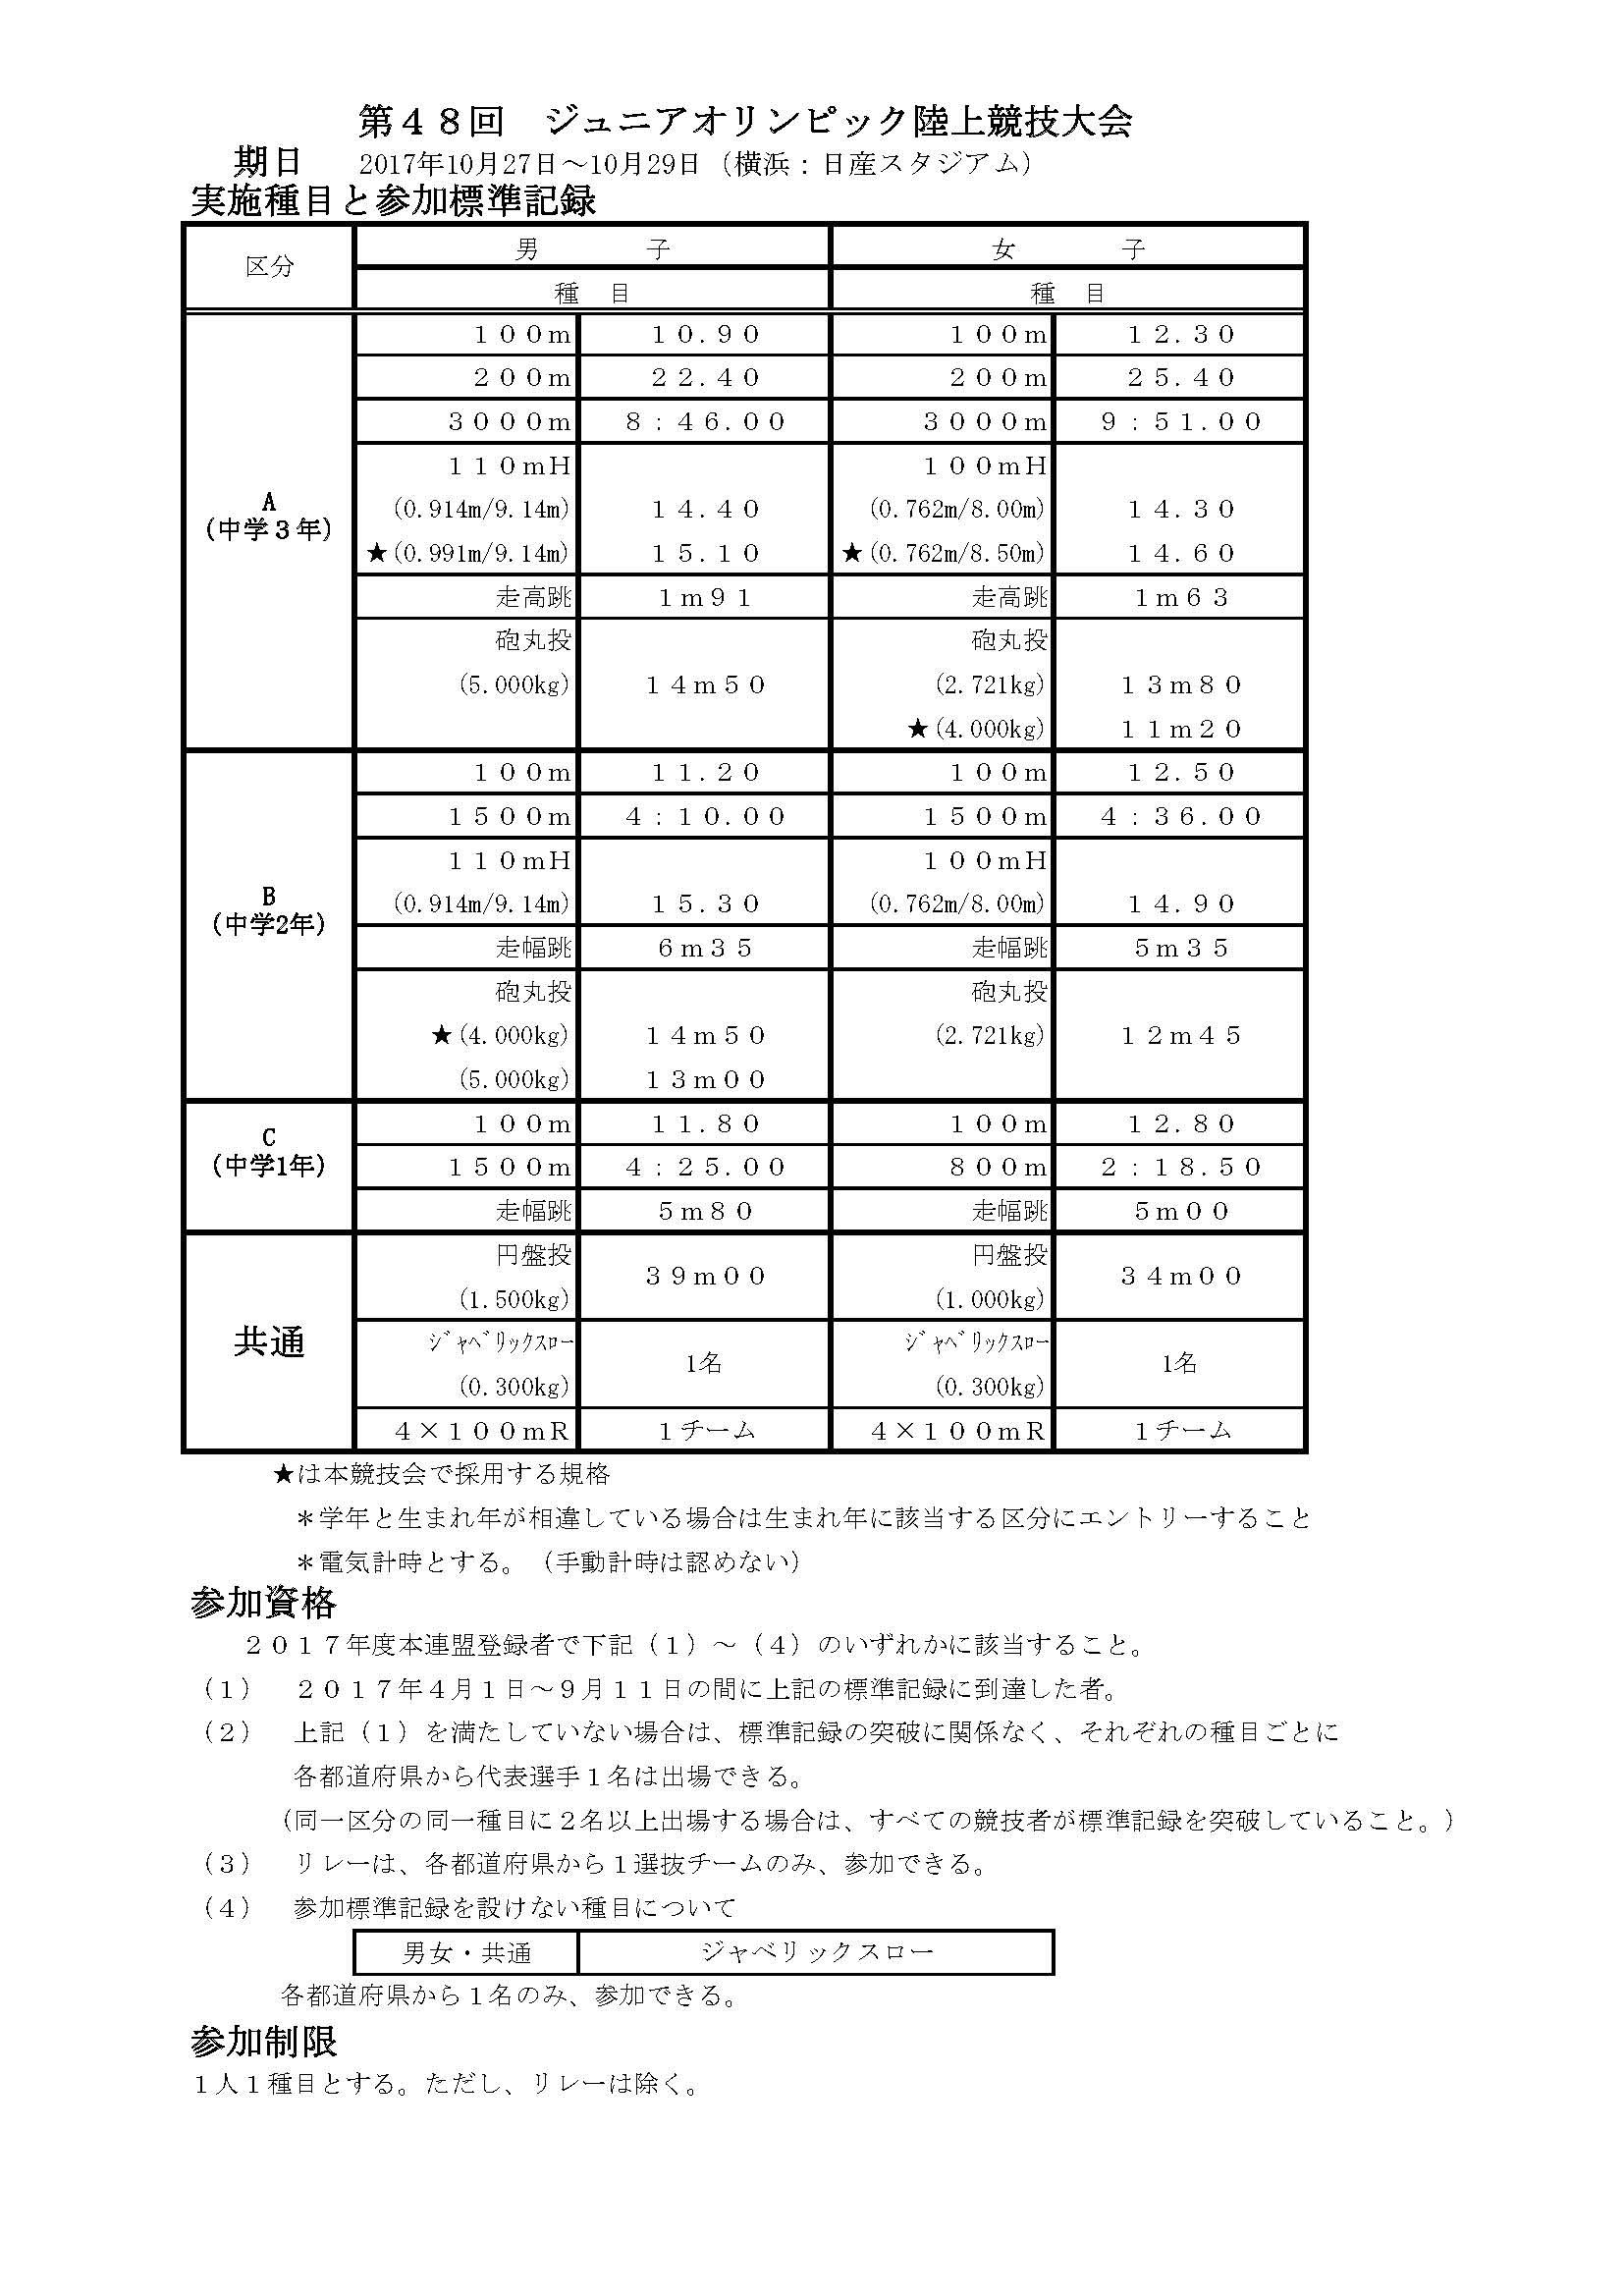 2017082601.jpg